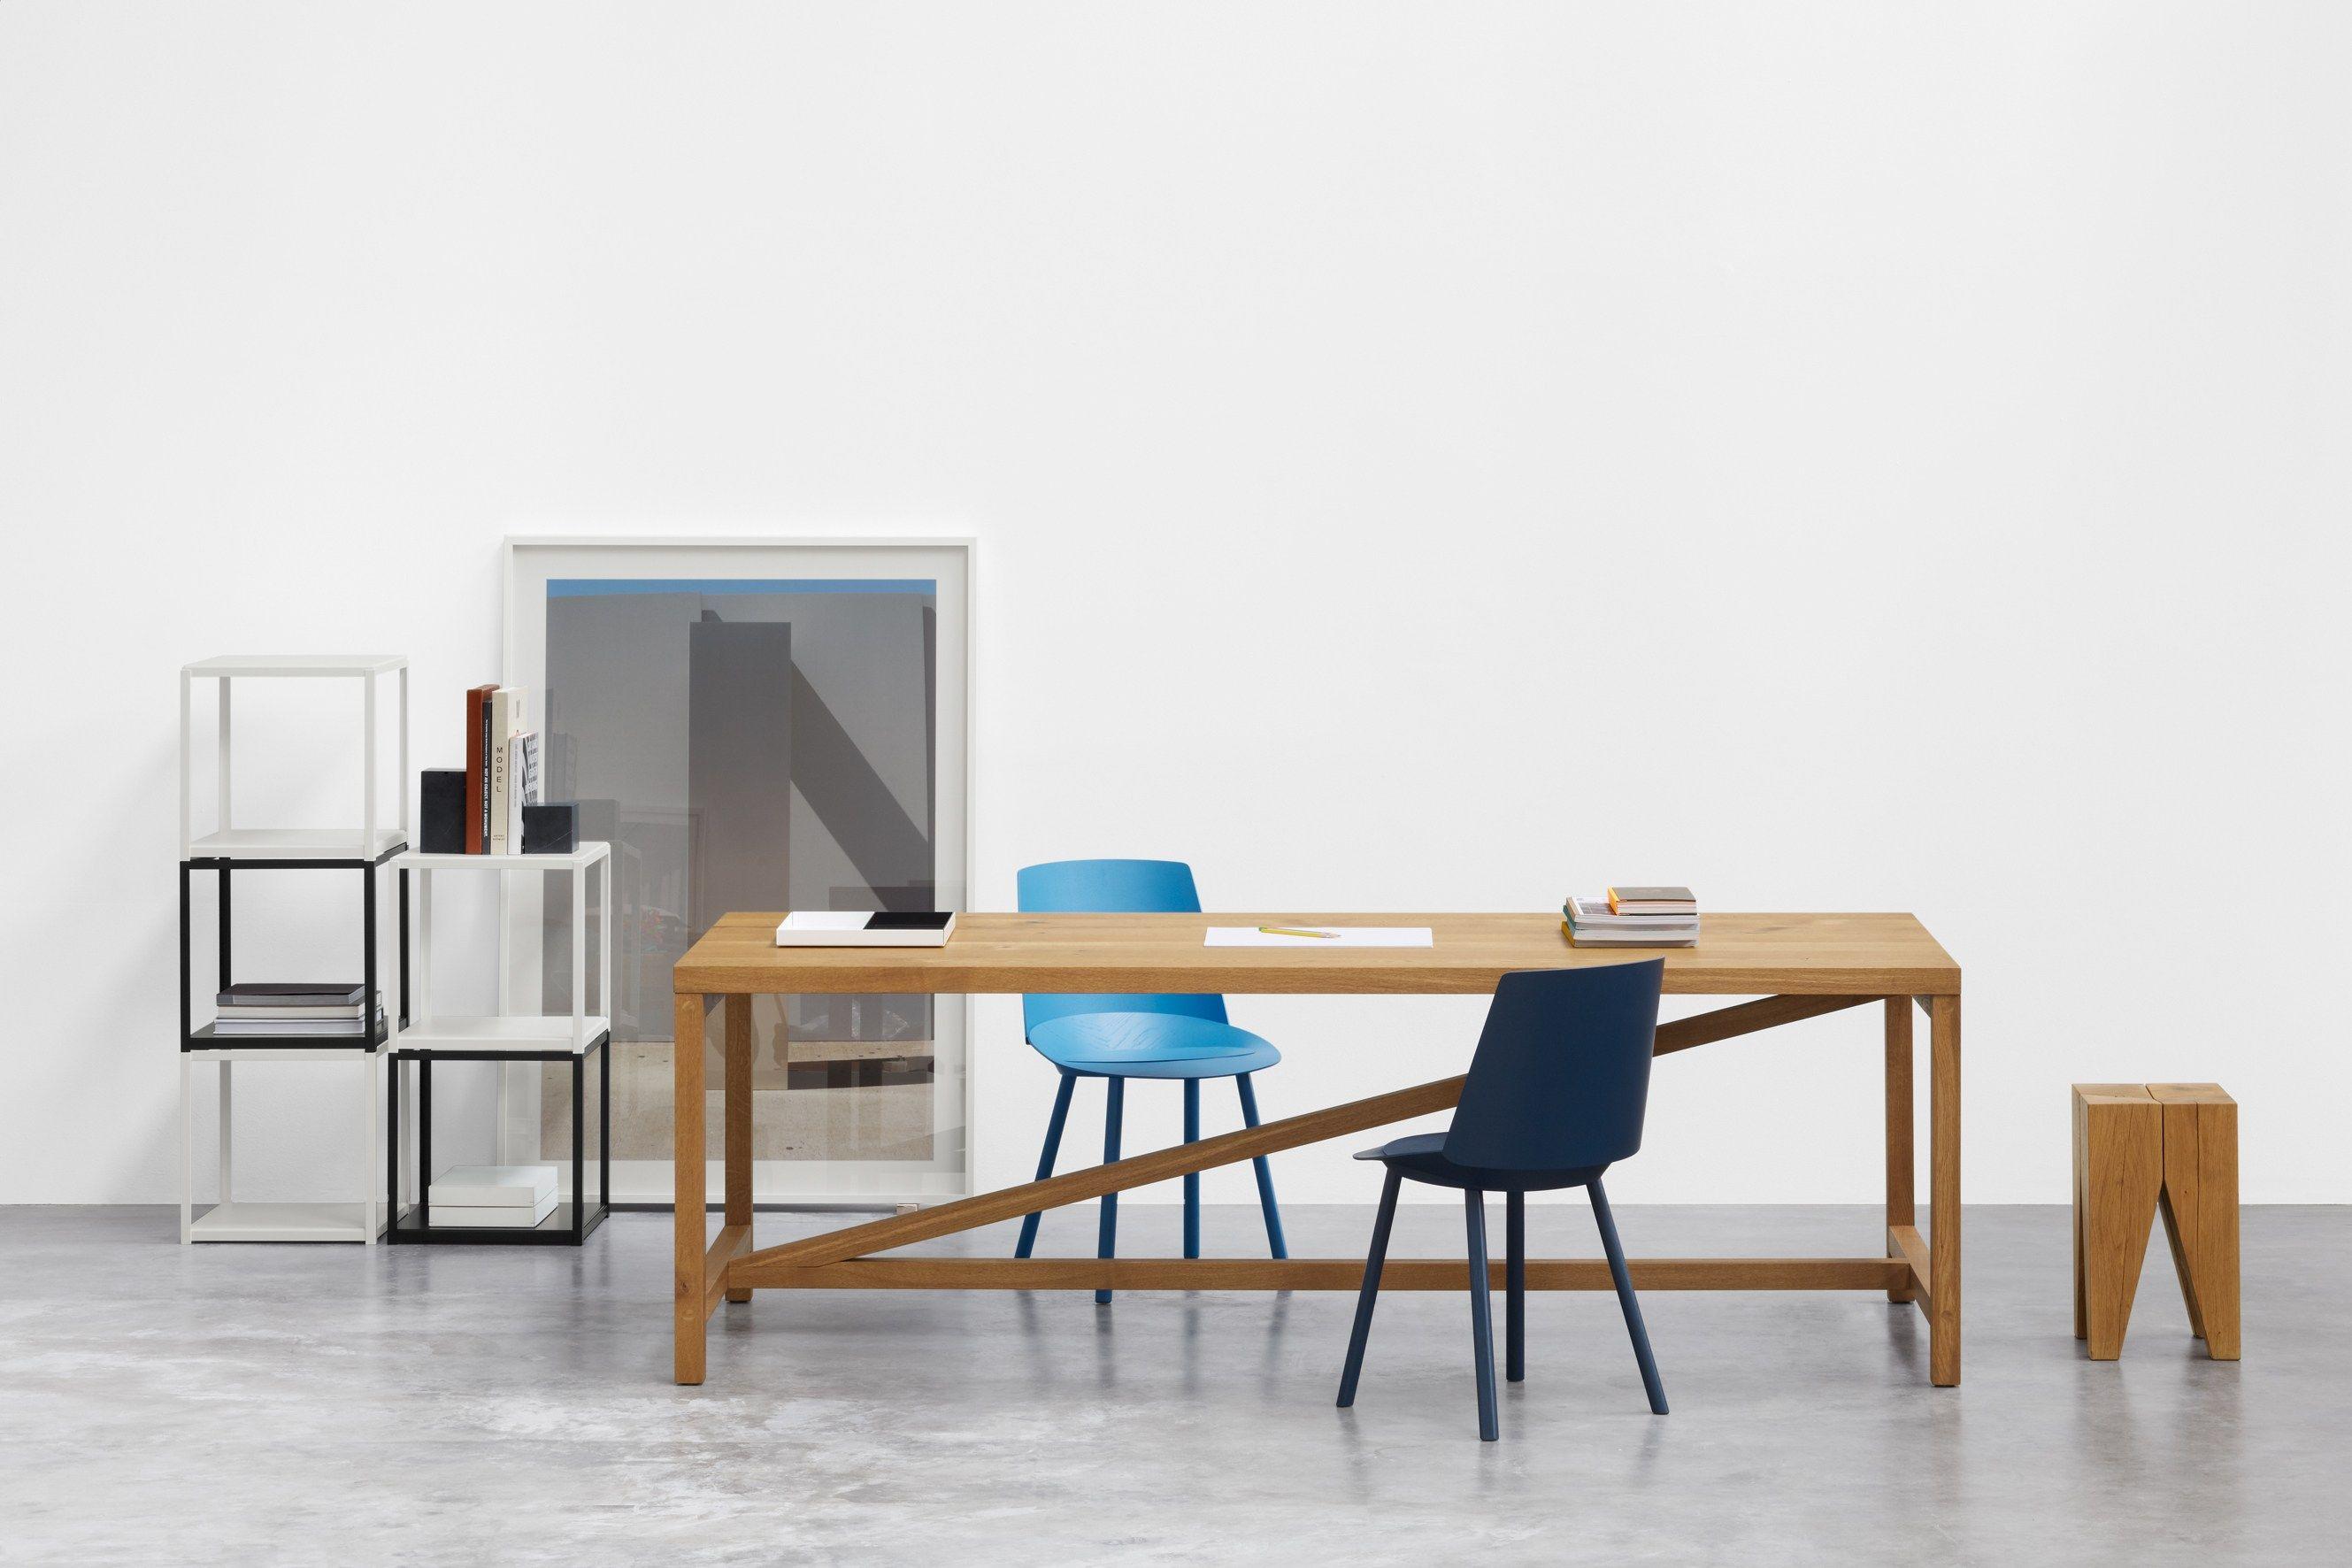 Tavolini Bassi Da Soggiorno ~ Avienix.com For . #297AA2 2658 1772 Ikea Tavoli Bambini